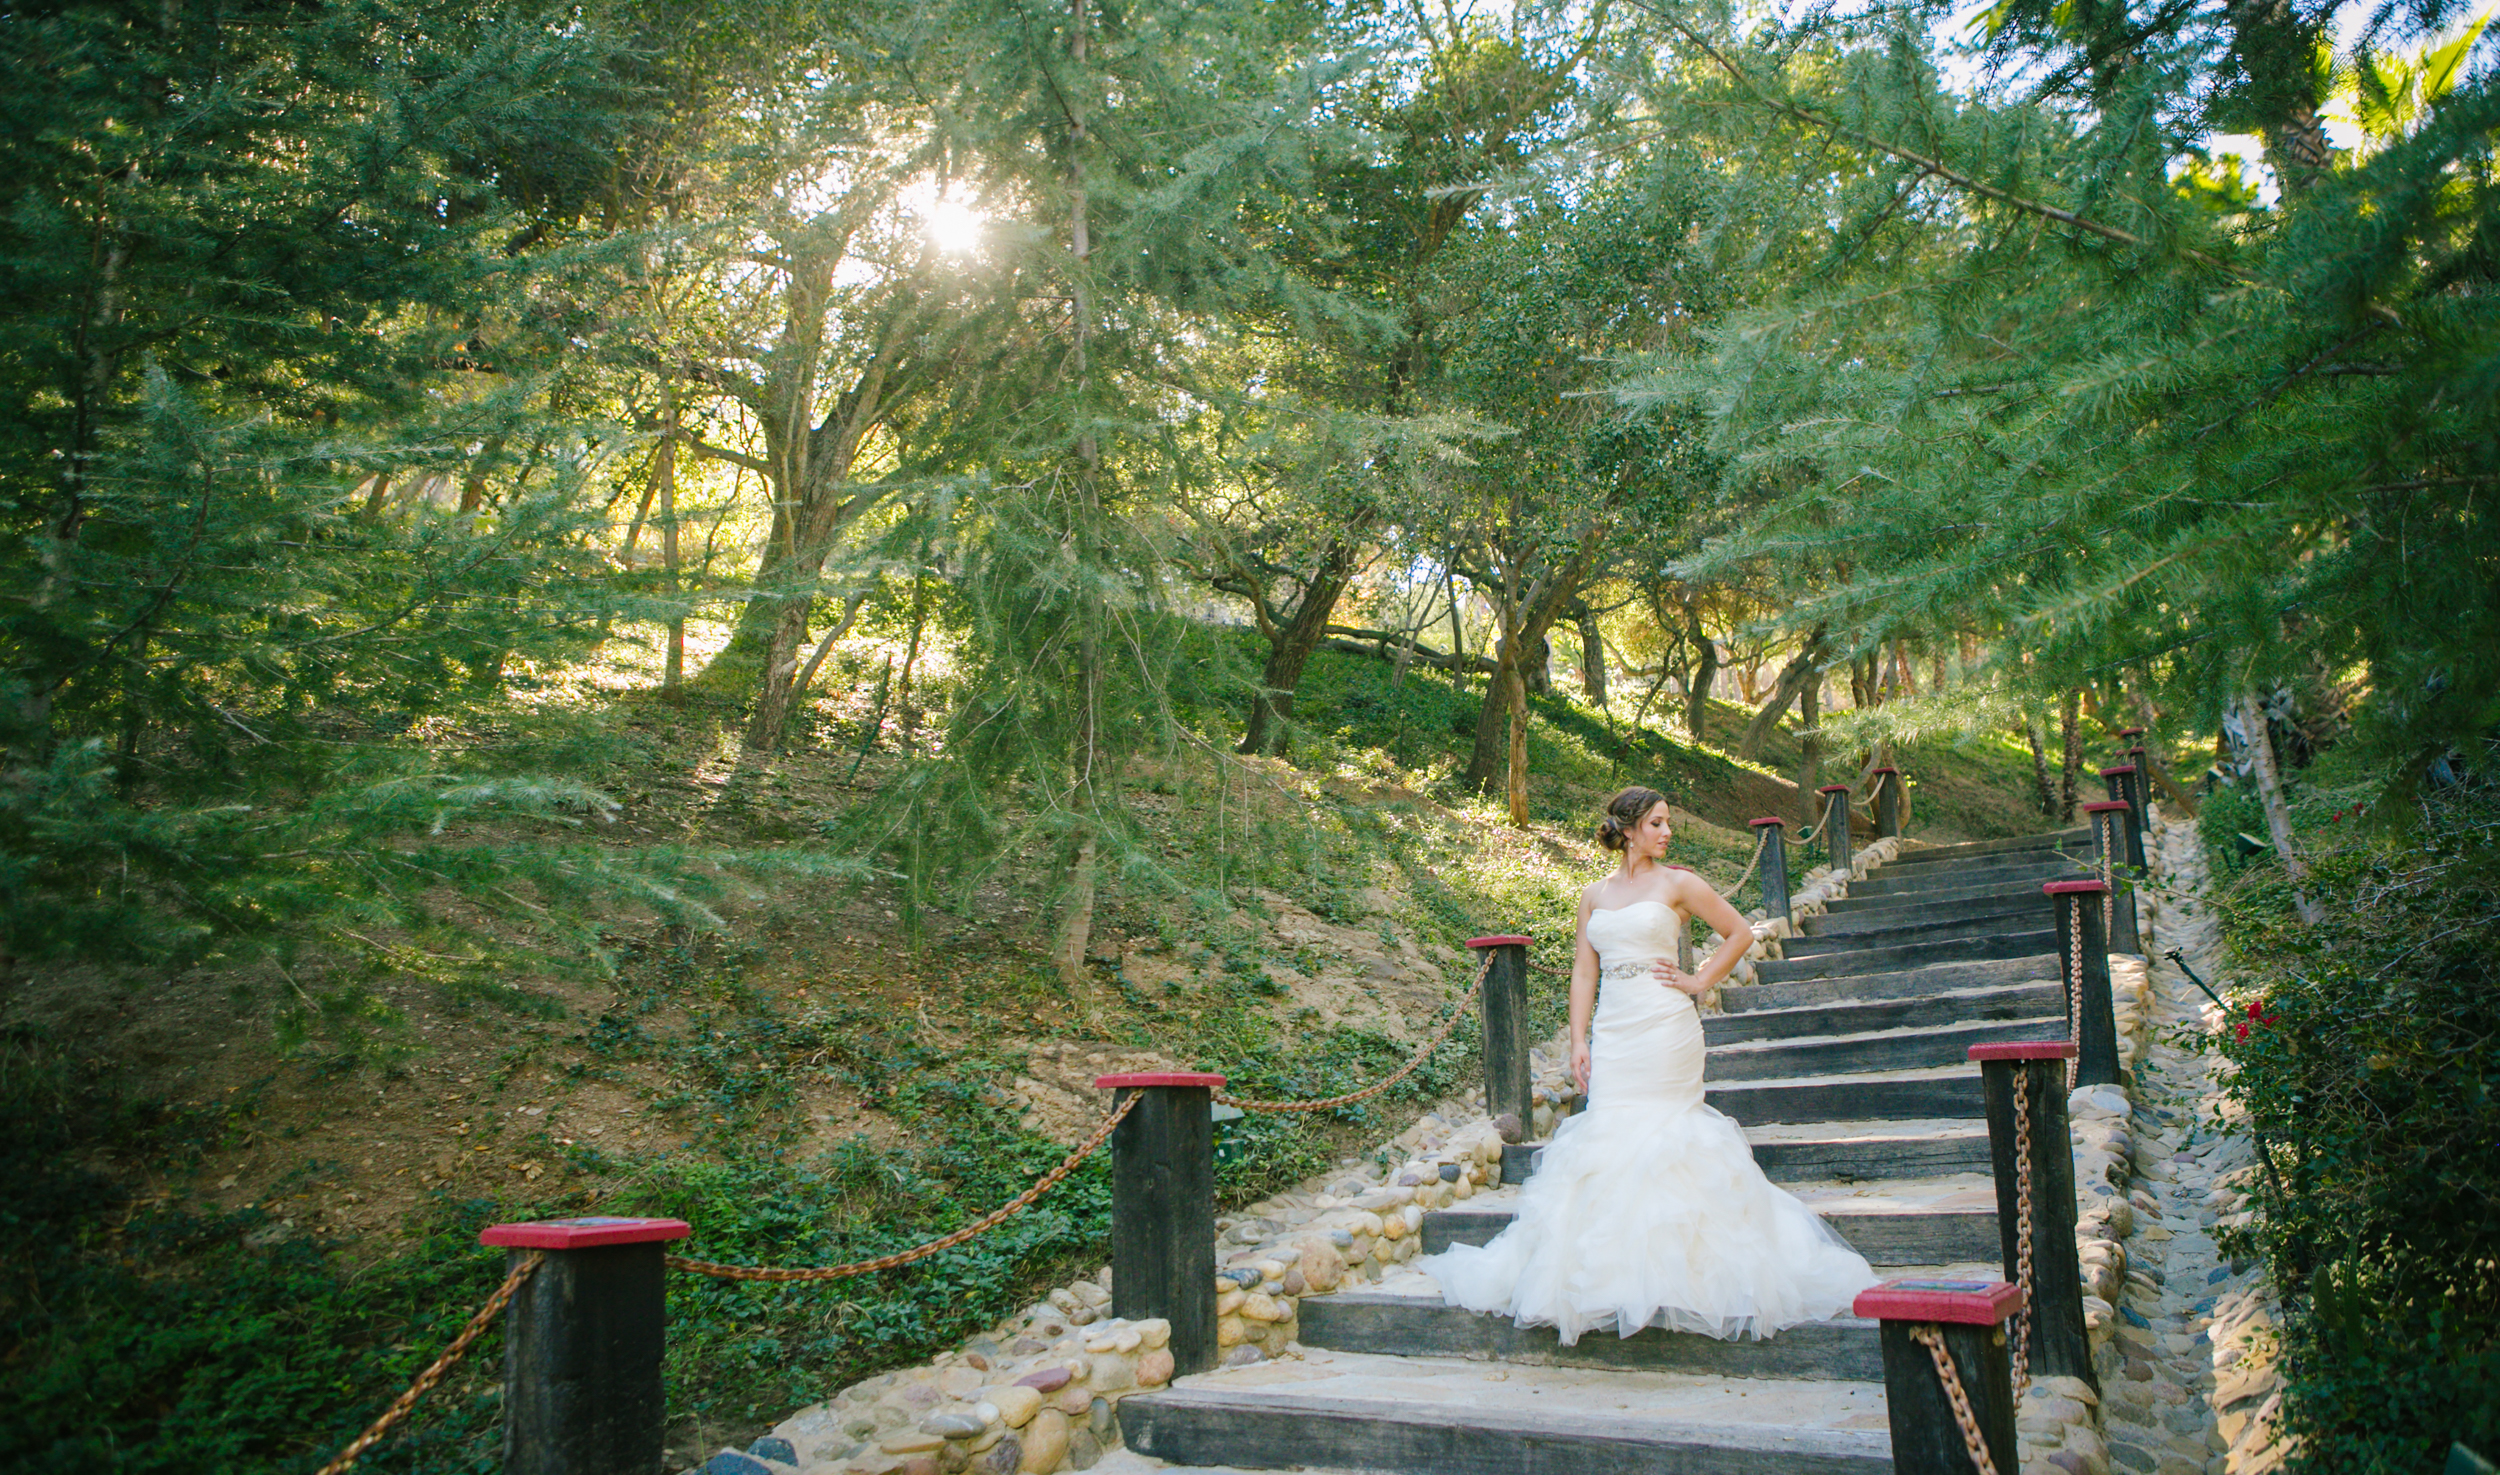 Rancho-Las-Lomas-Wedding-0007.JPG